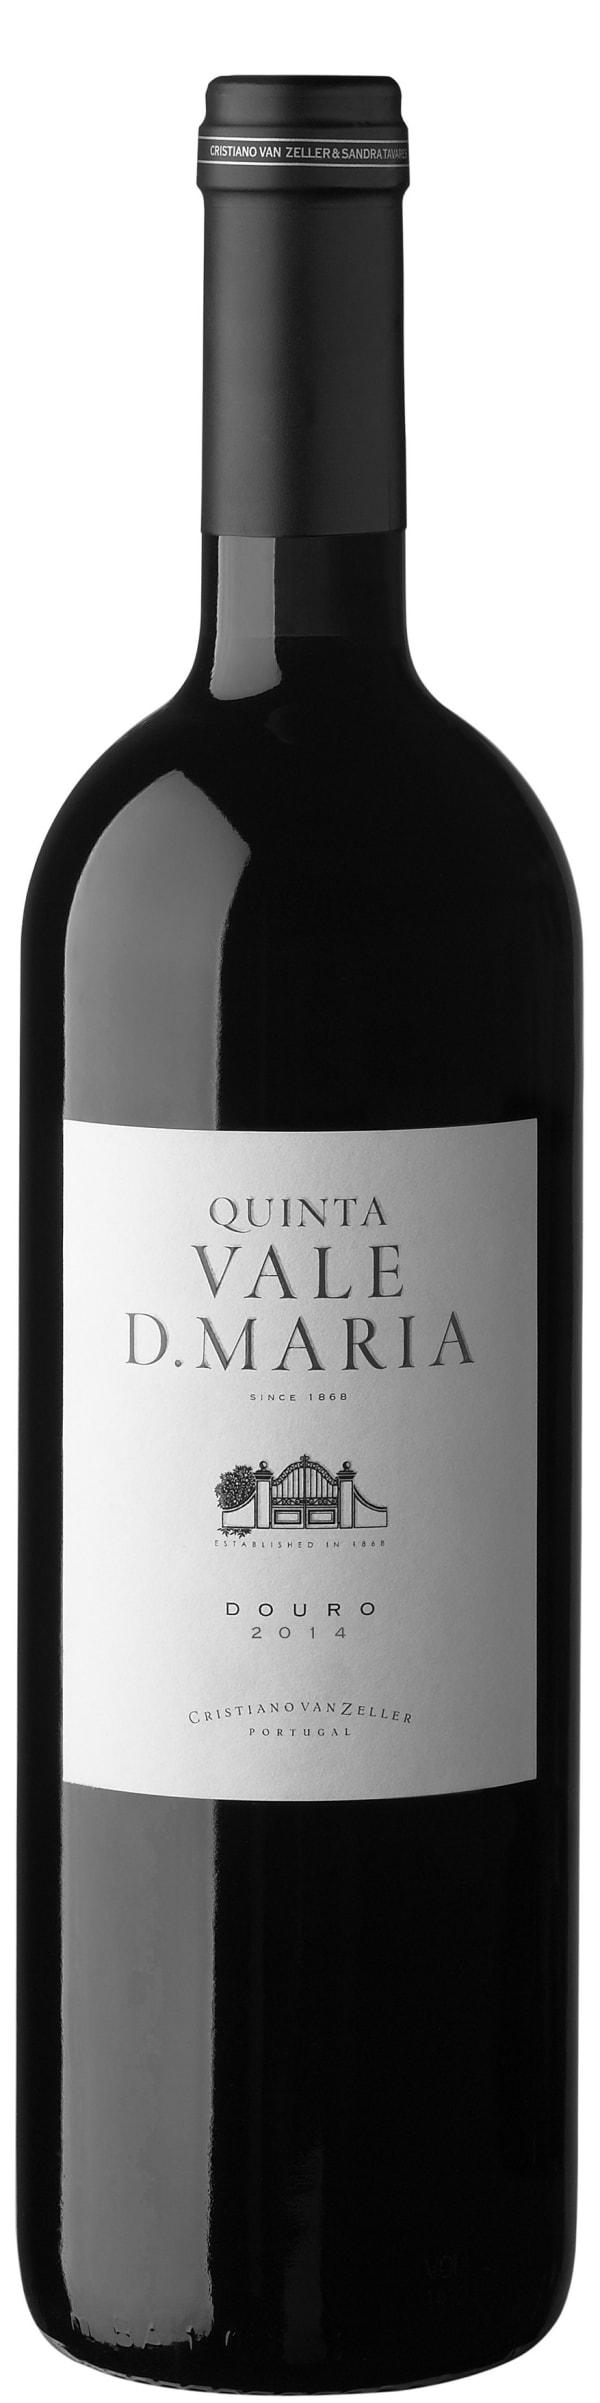 Quinta Vale D. Maria Douro Tinto 2015